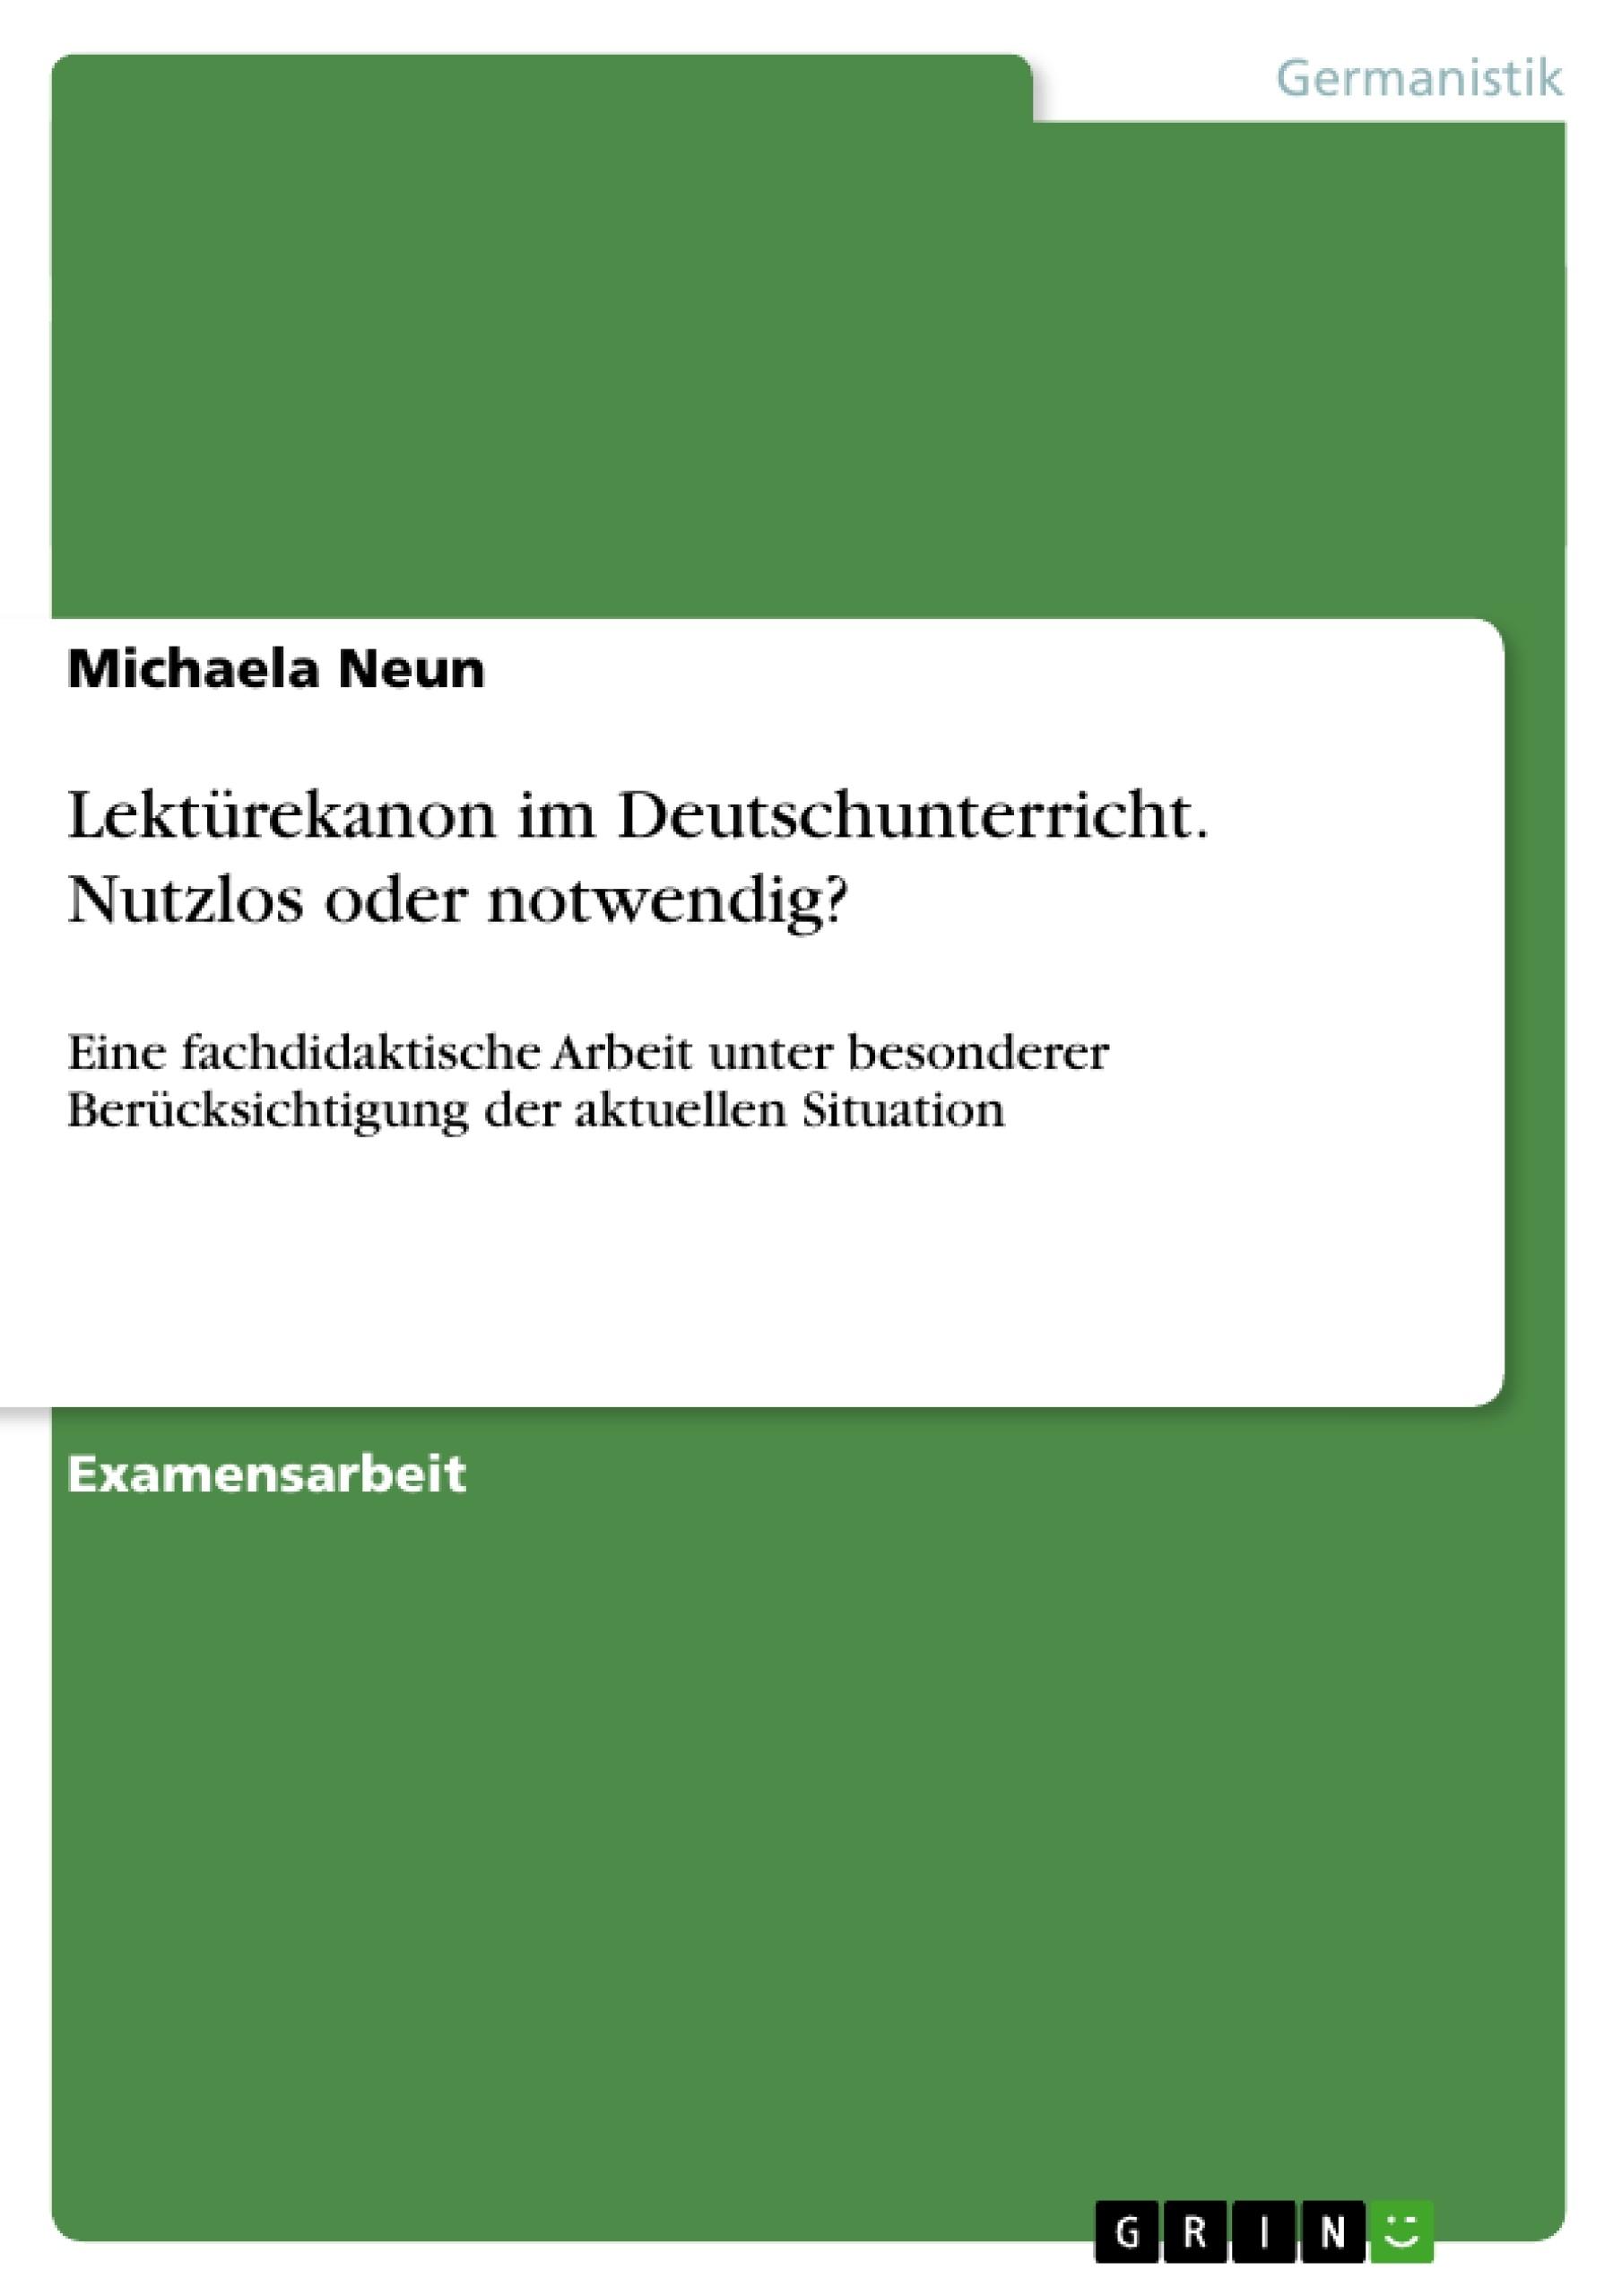 Titel: Lektürekanon im Deutschunterricht. Nutzlos oder notwendig?